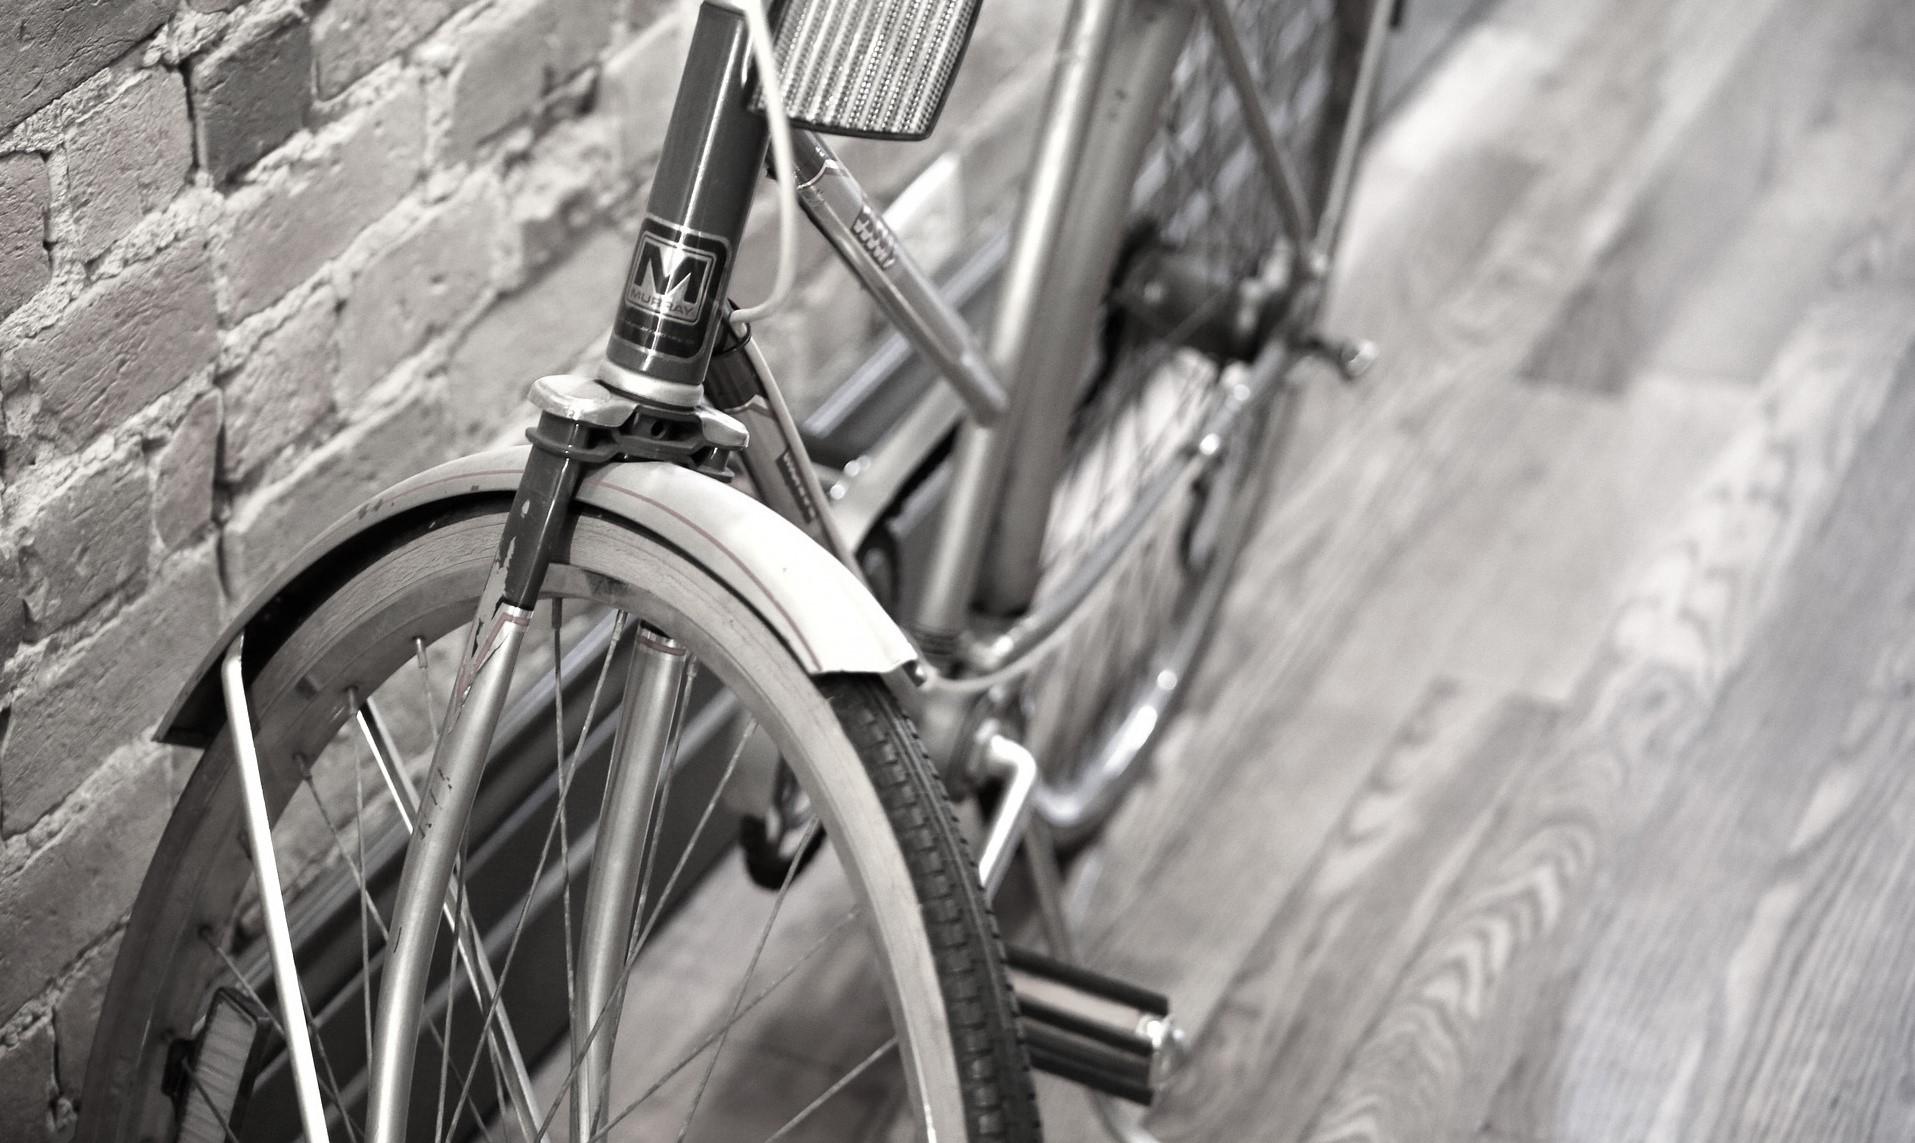 bike-437995_1920